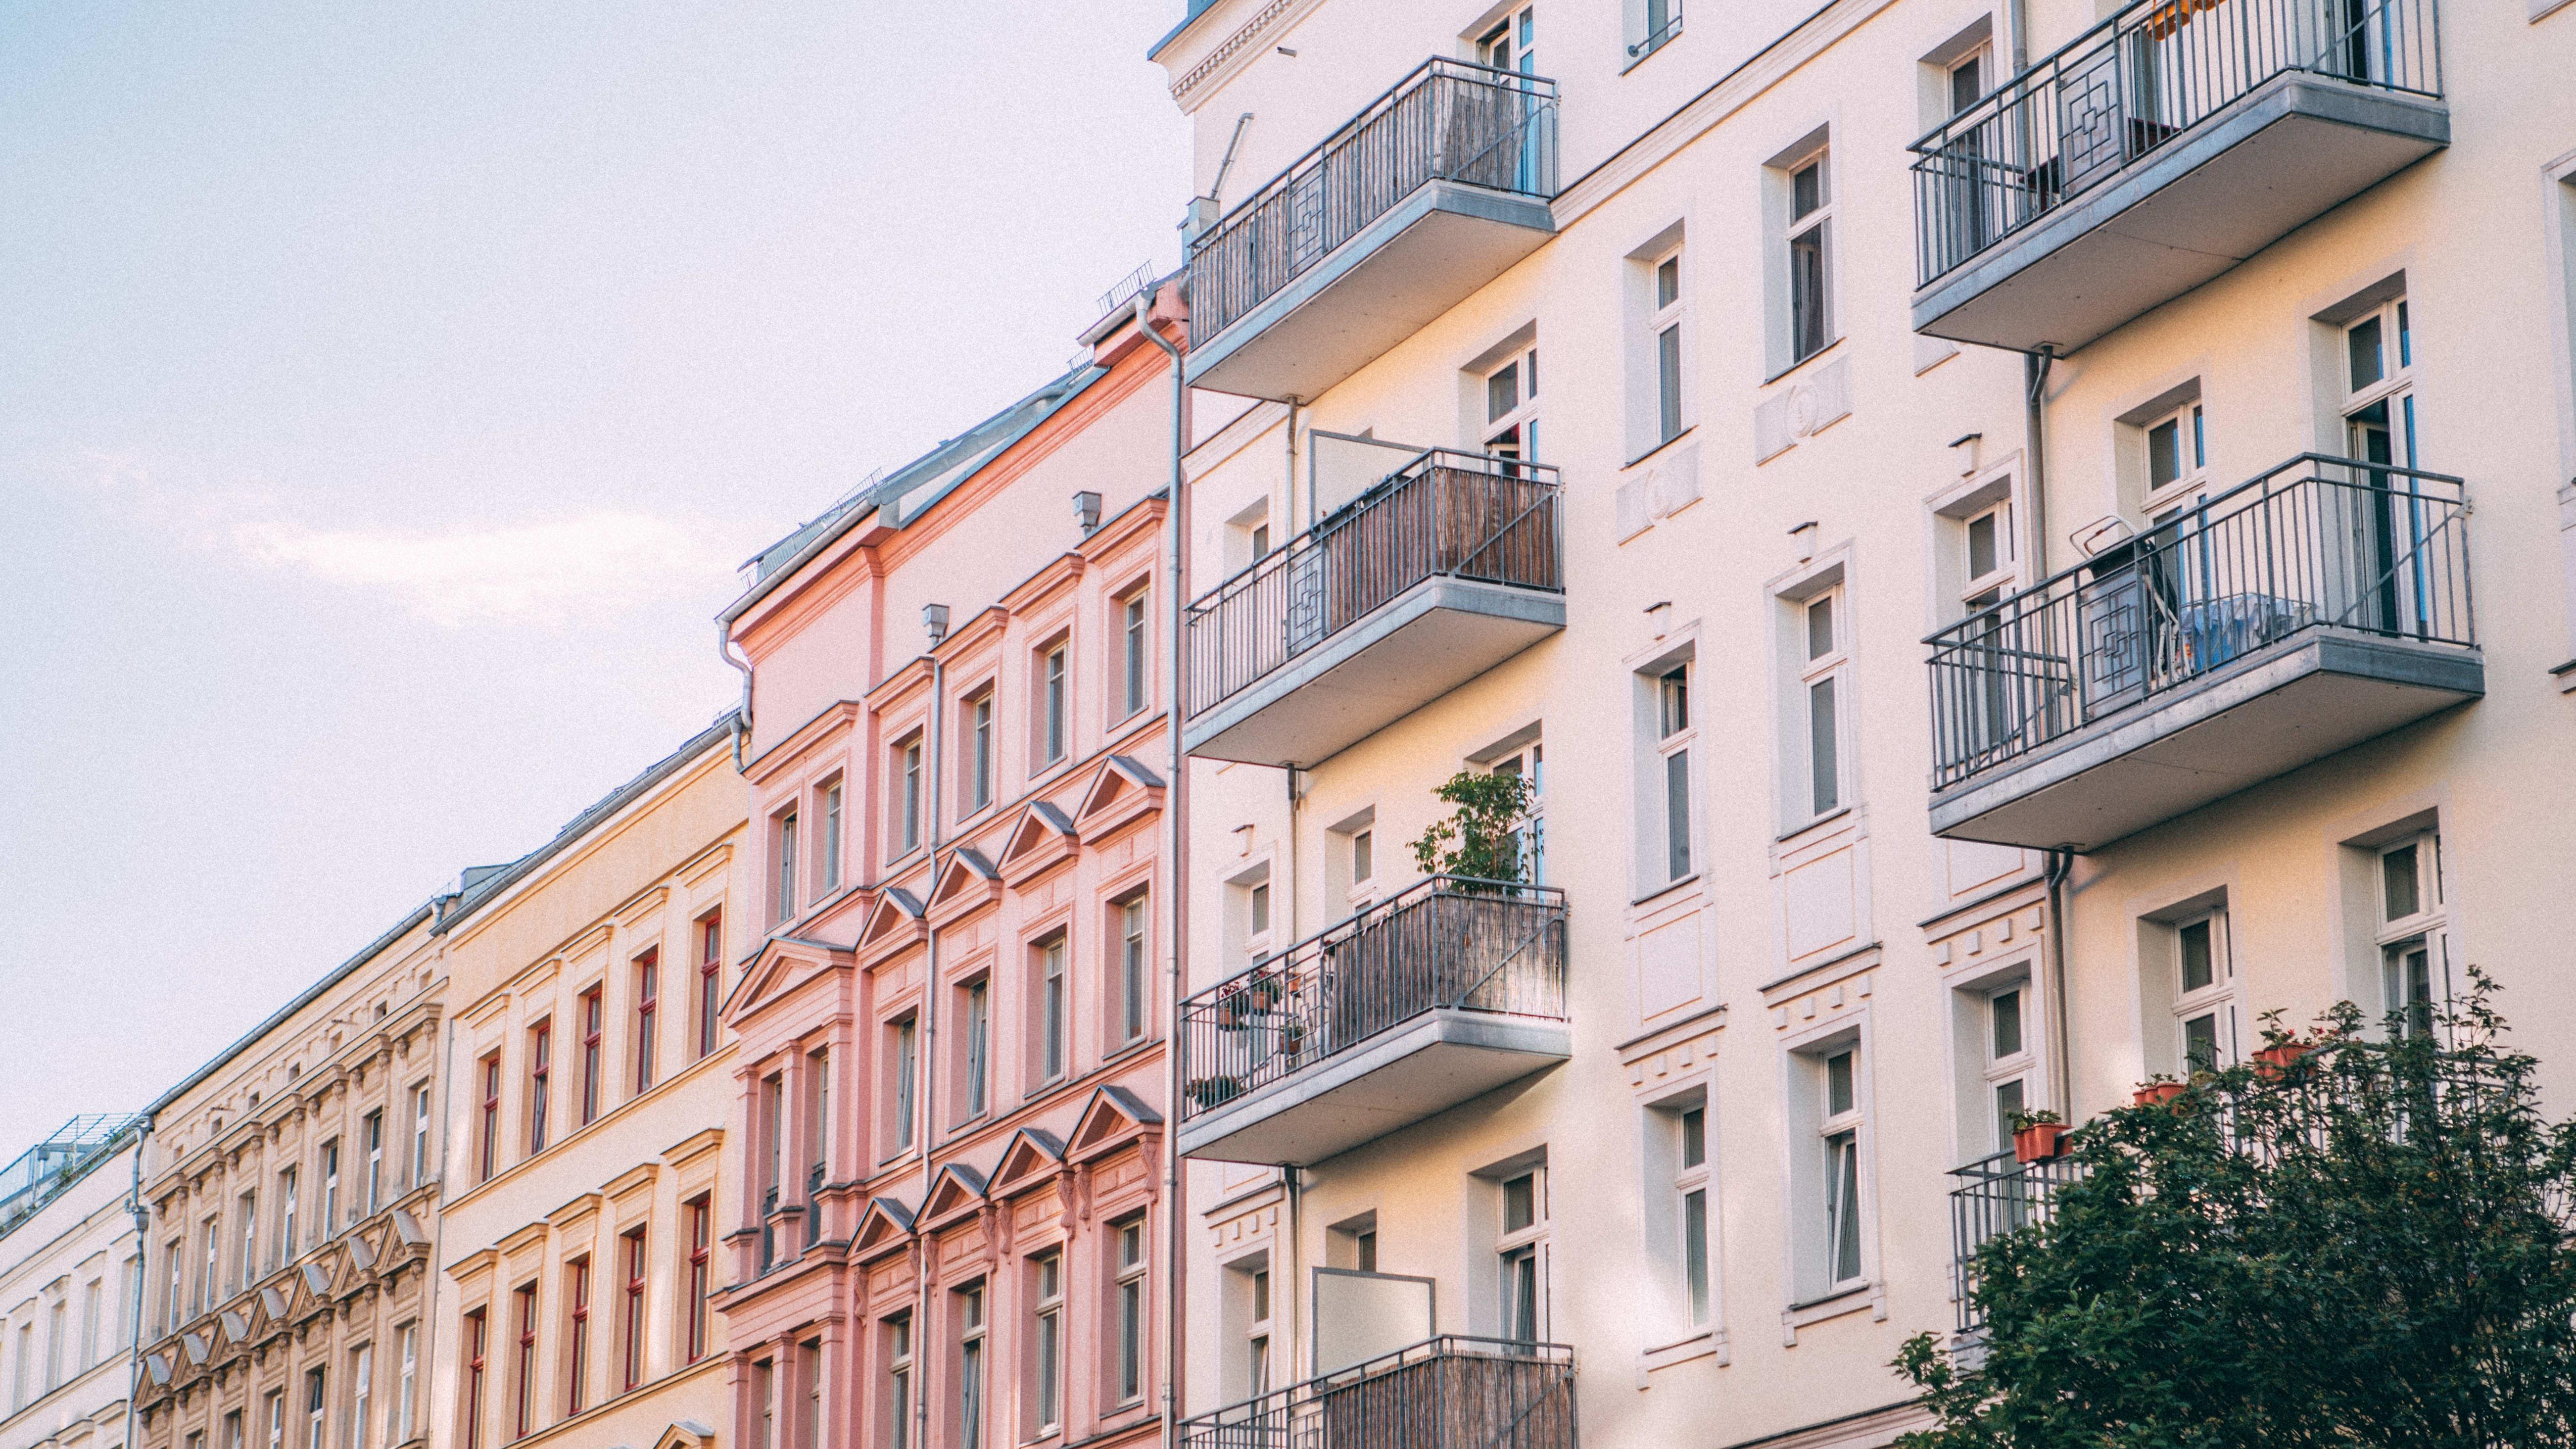 Baromètre immobilier des non-résidents: où investissent les Français de l'étranger?